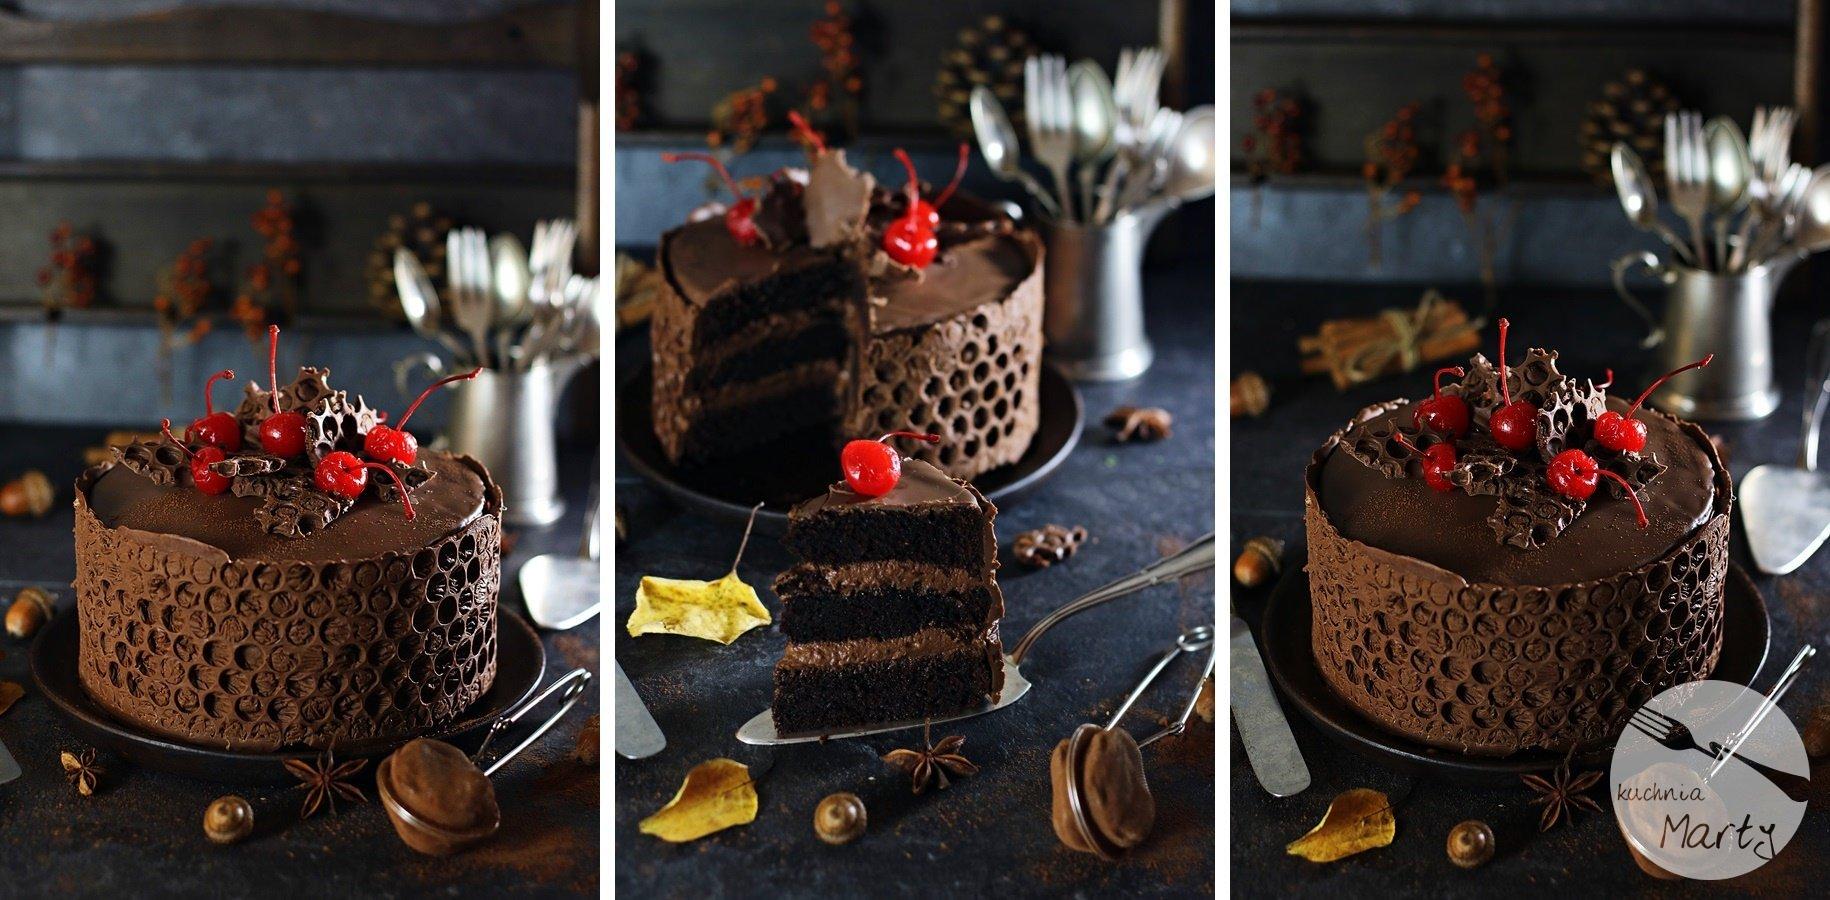 5020 900 horz - Tort czekoladowo wiśniowy